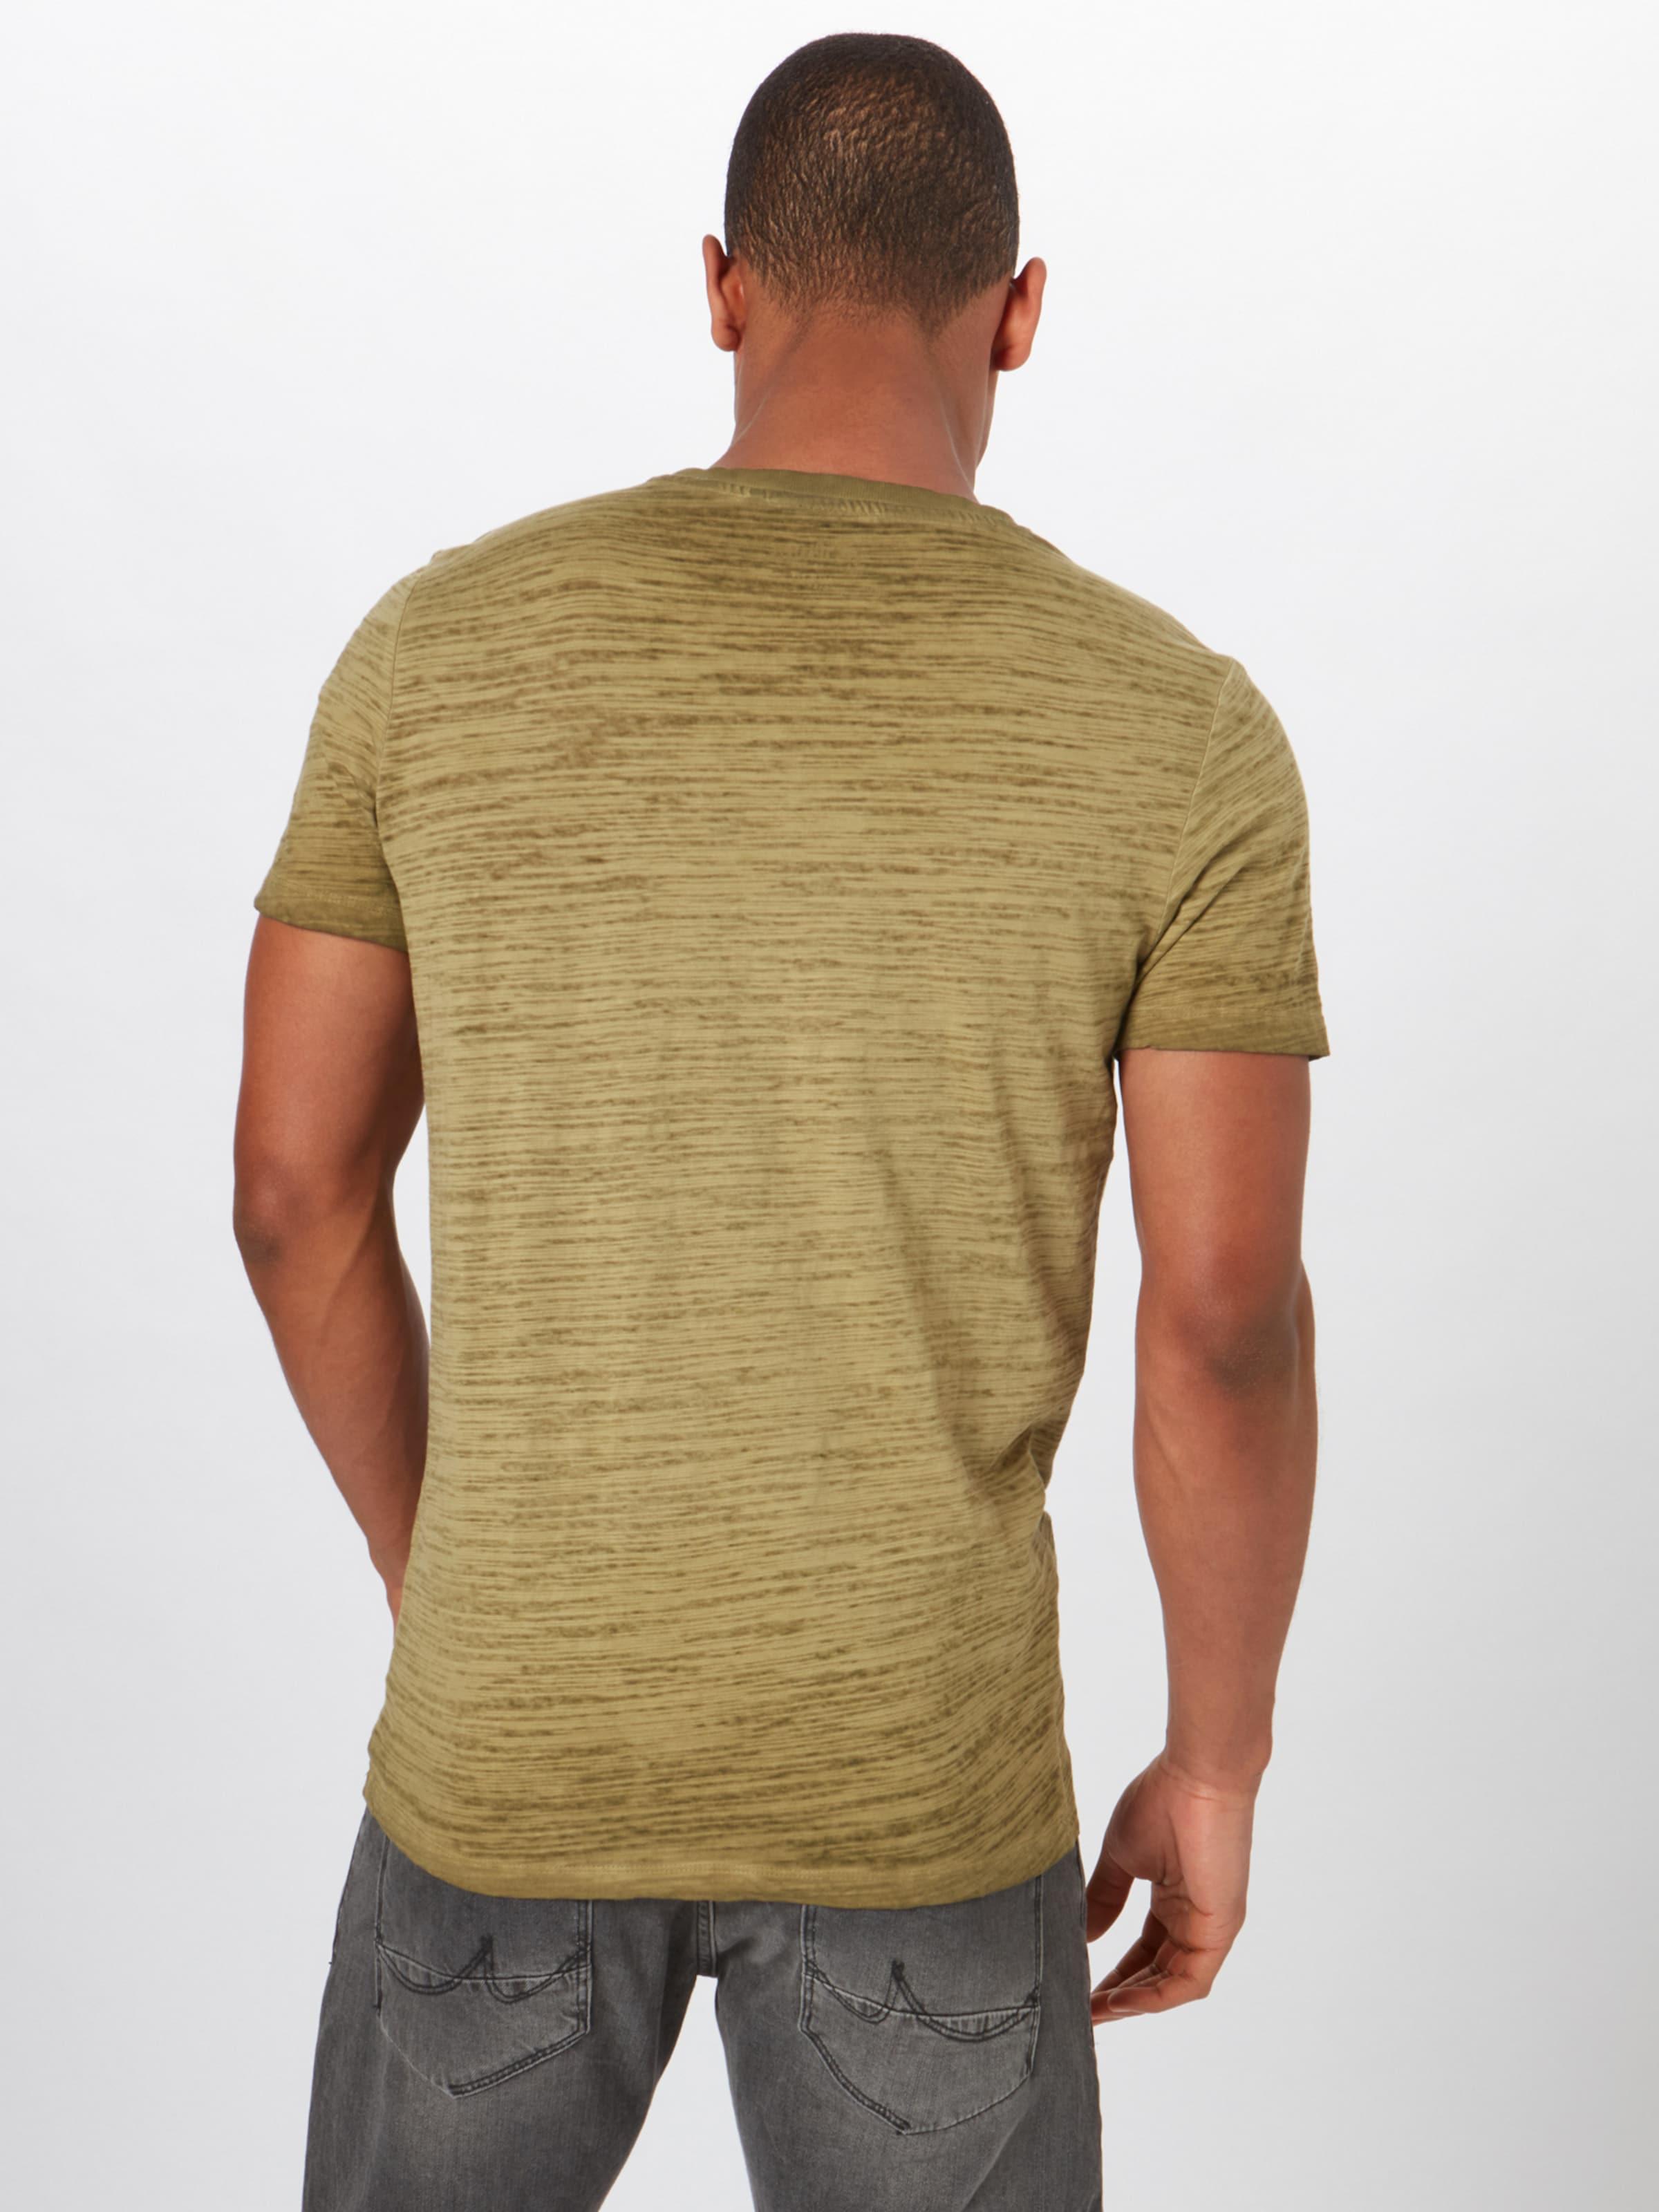 Marron T S En Red Label oliver shirt LjUpqVzGMS